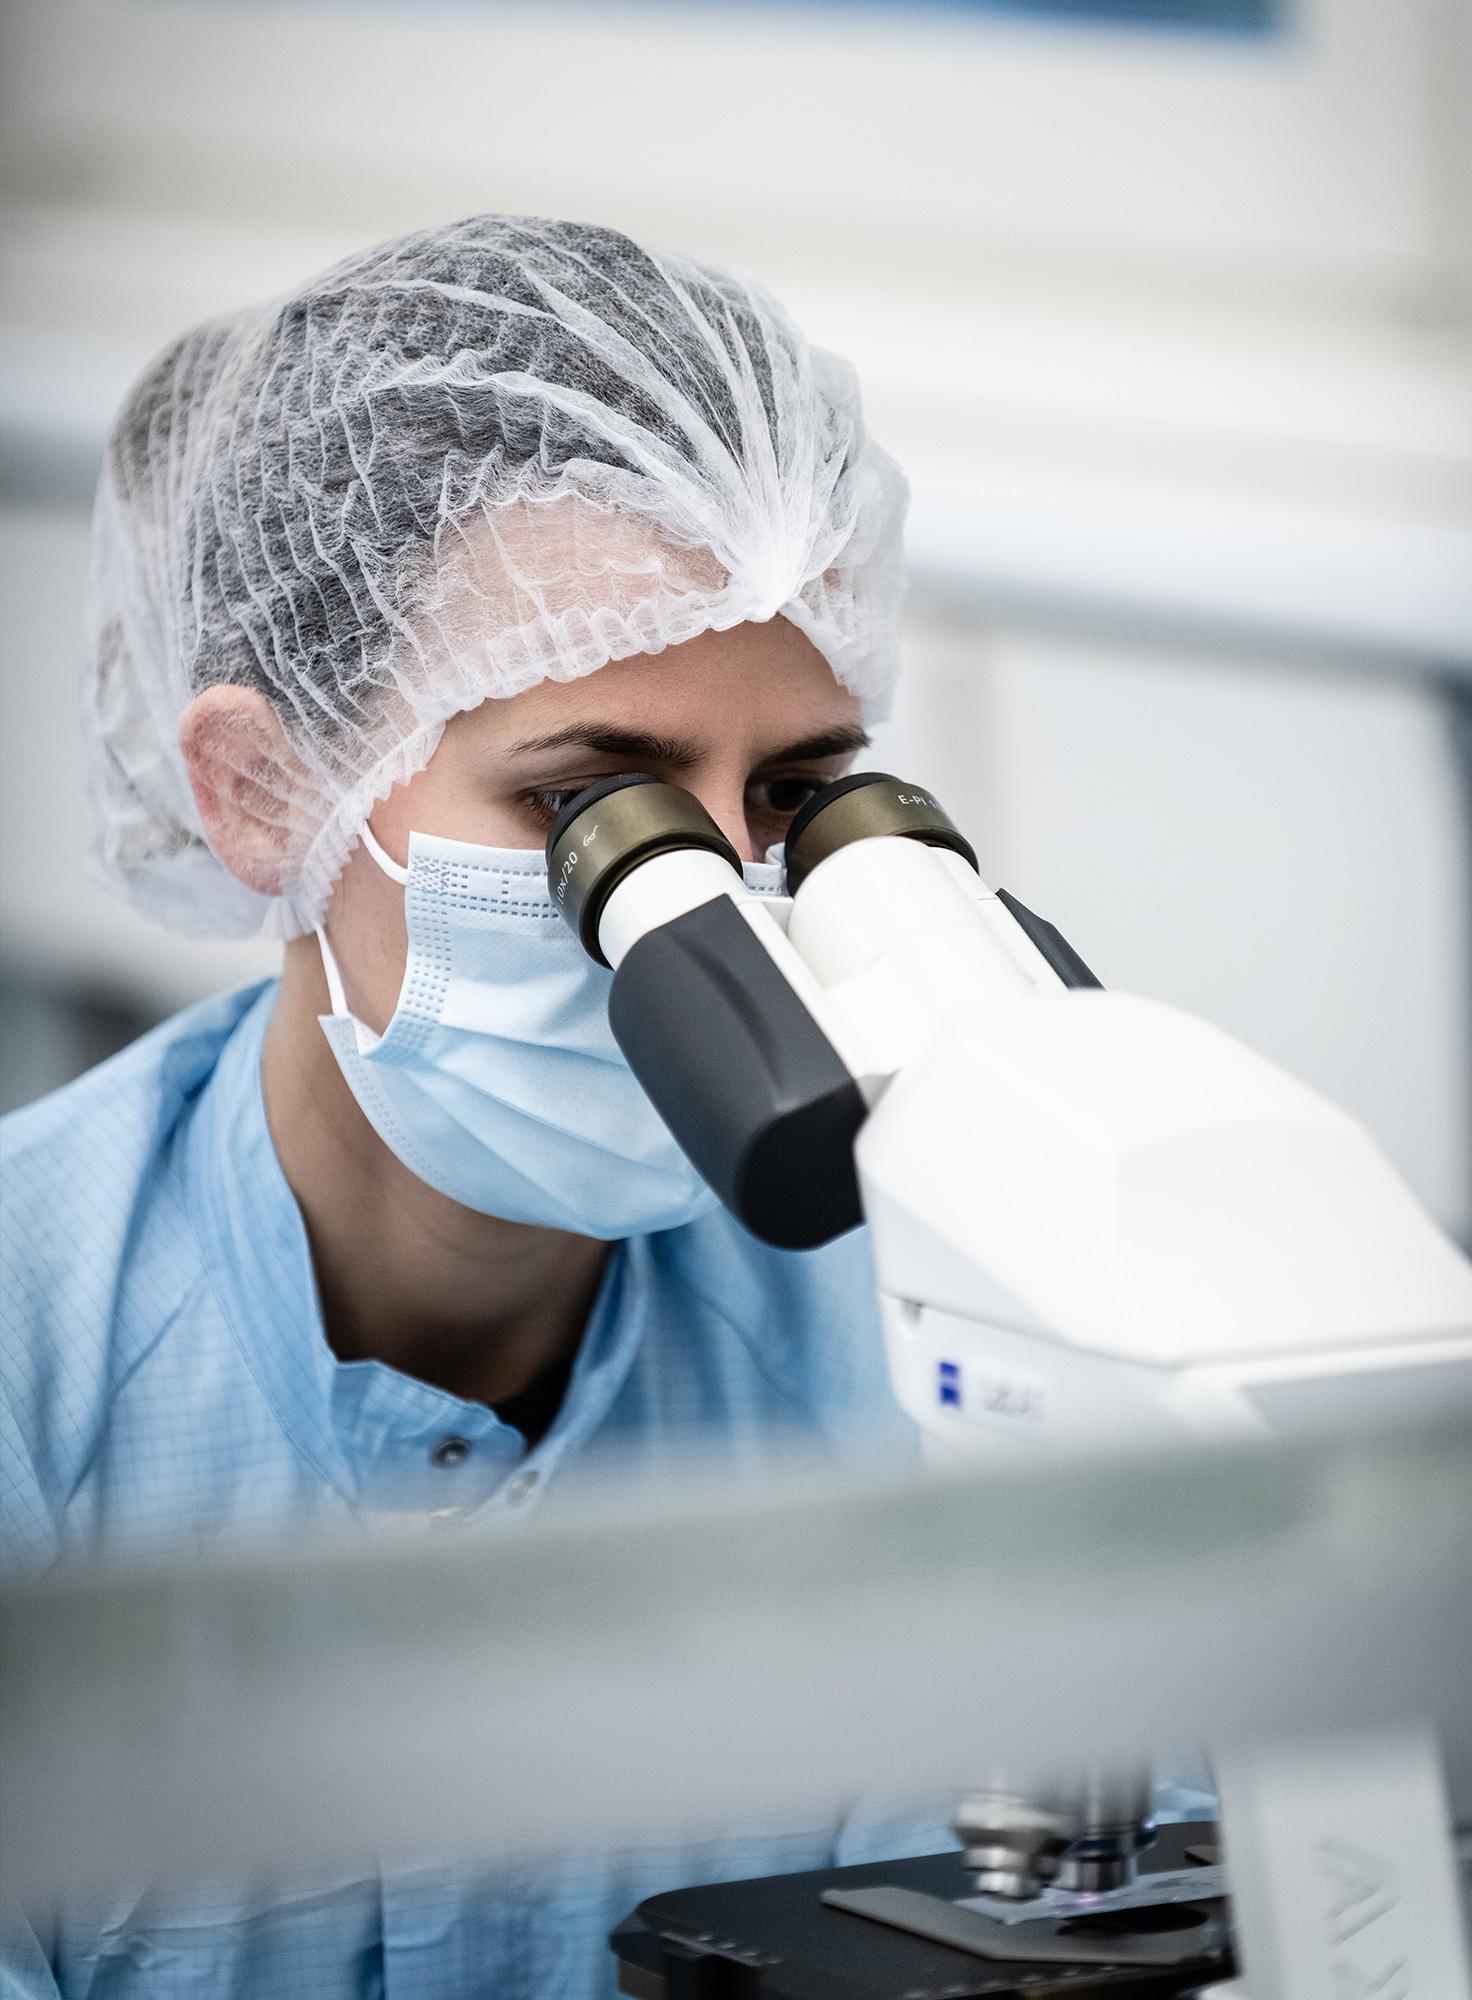 Laborantin schaut durch ein Mikroskop